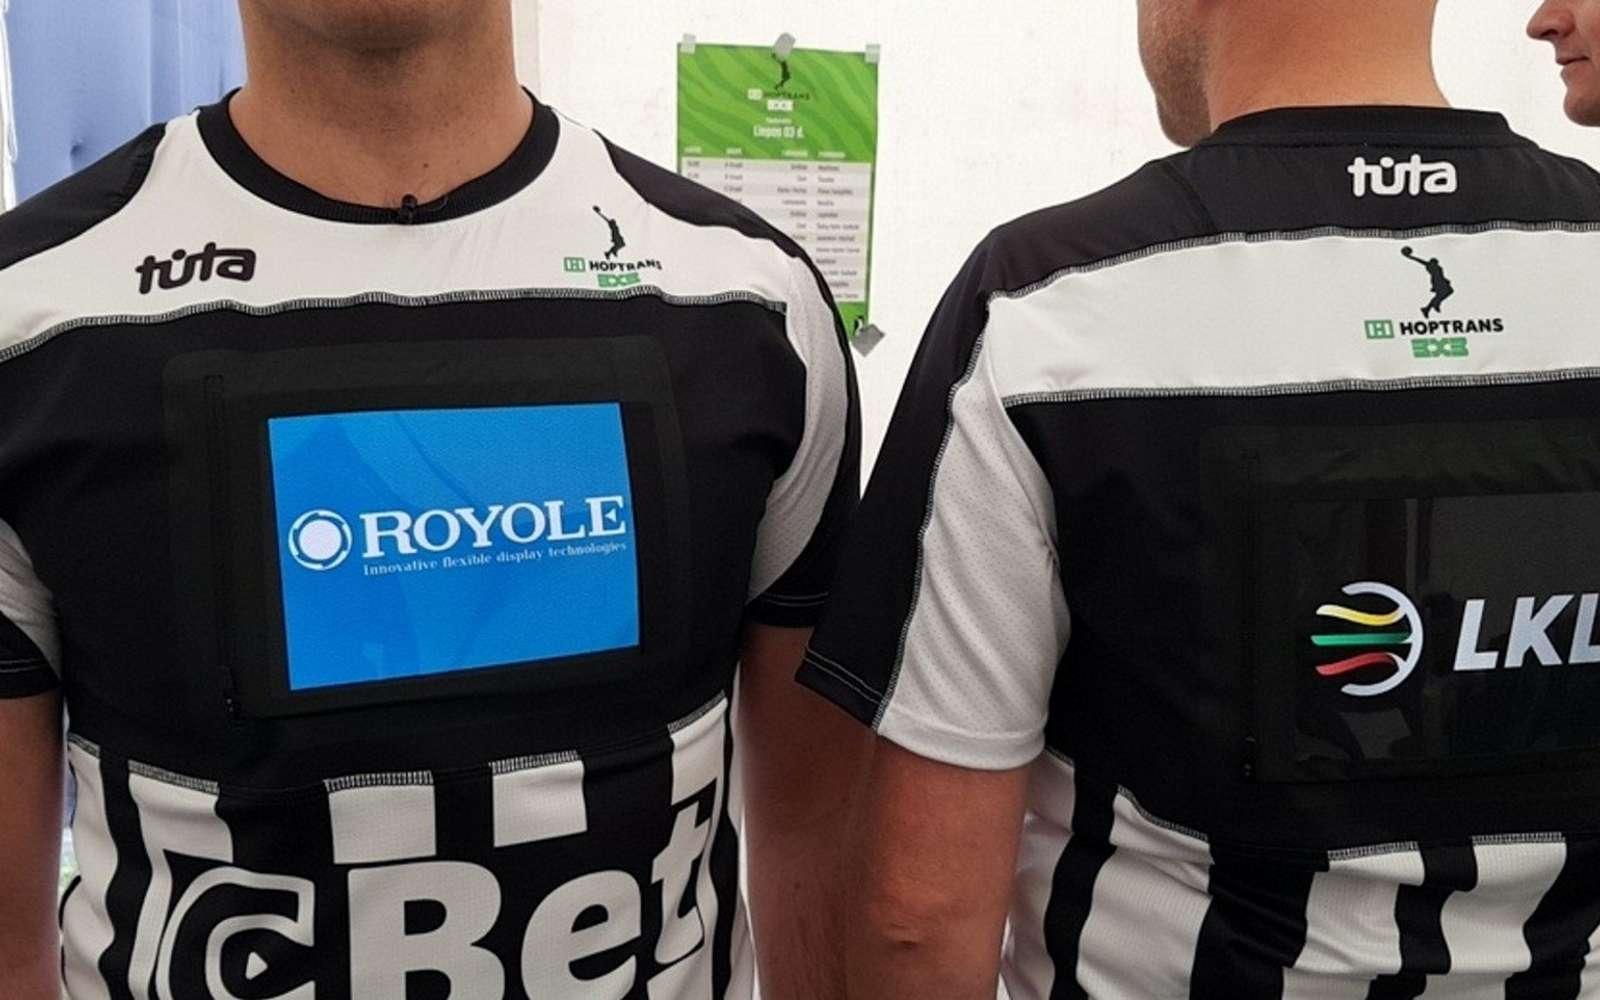 Royole et Tūta ont créé des maillots pour arbitres avec un écran flexible intégré. © Royole